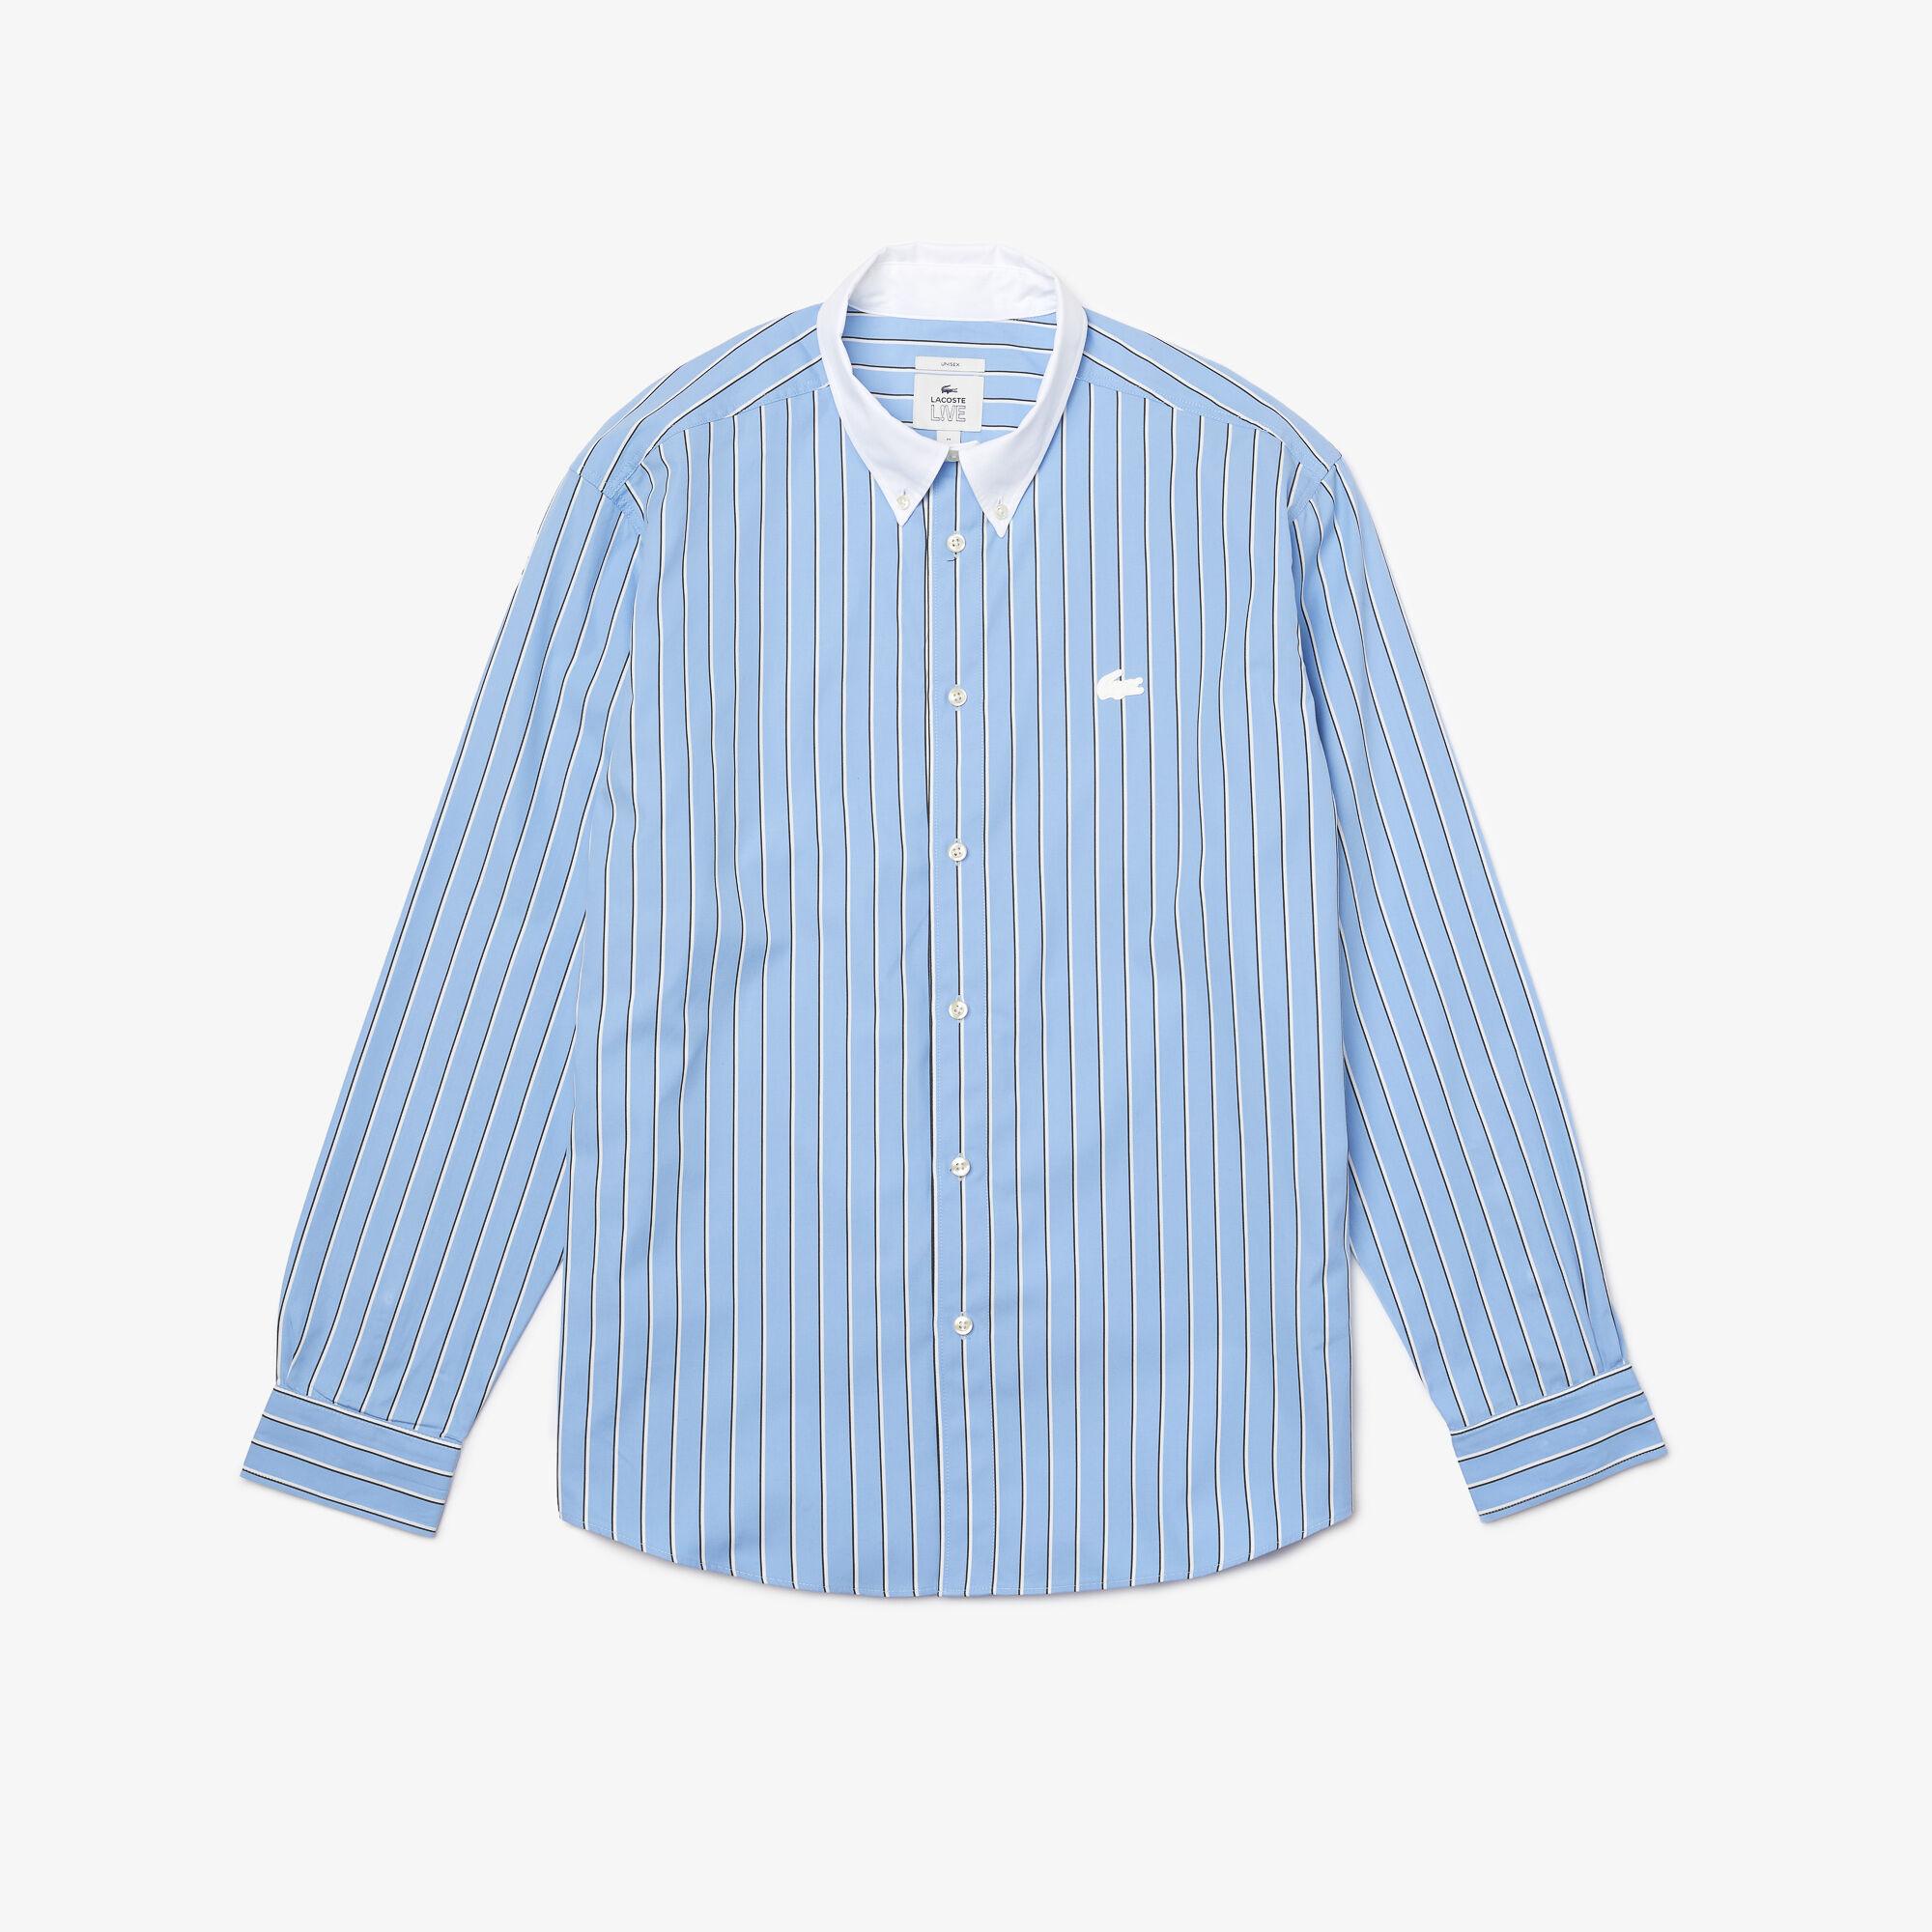 Unisex Lacoste LIVE Striped Cotton Shirt